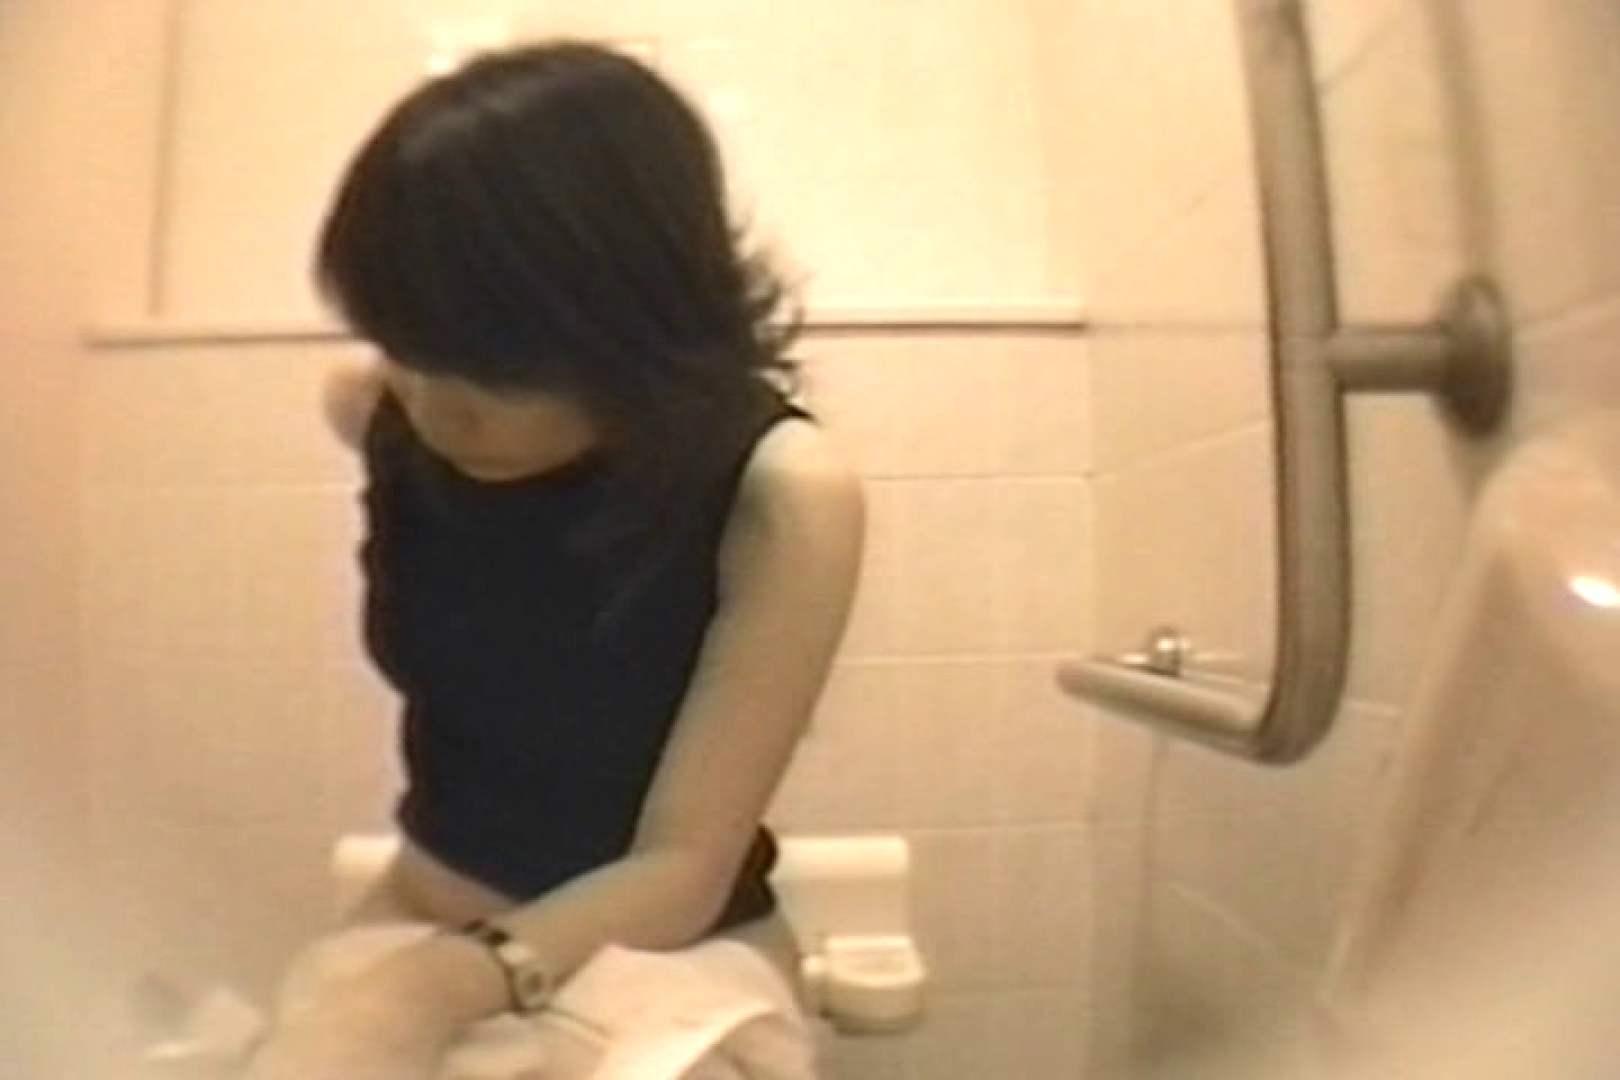 個室狂いのマニア映像Vol.4 洗面所  52連発 3